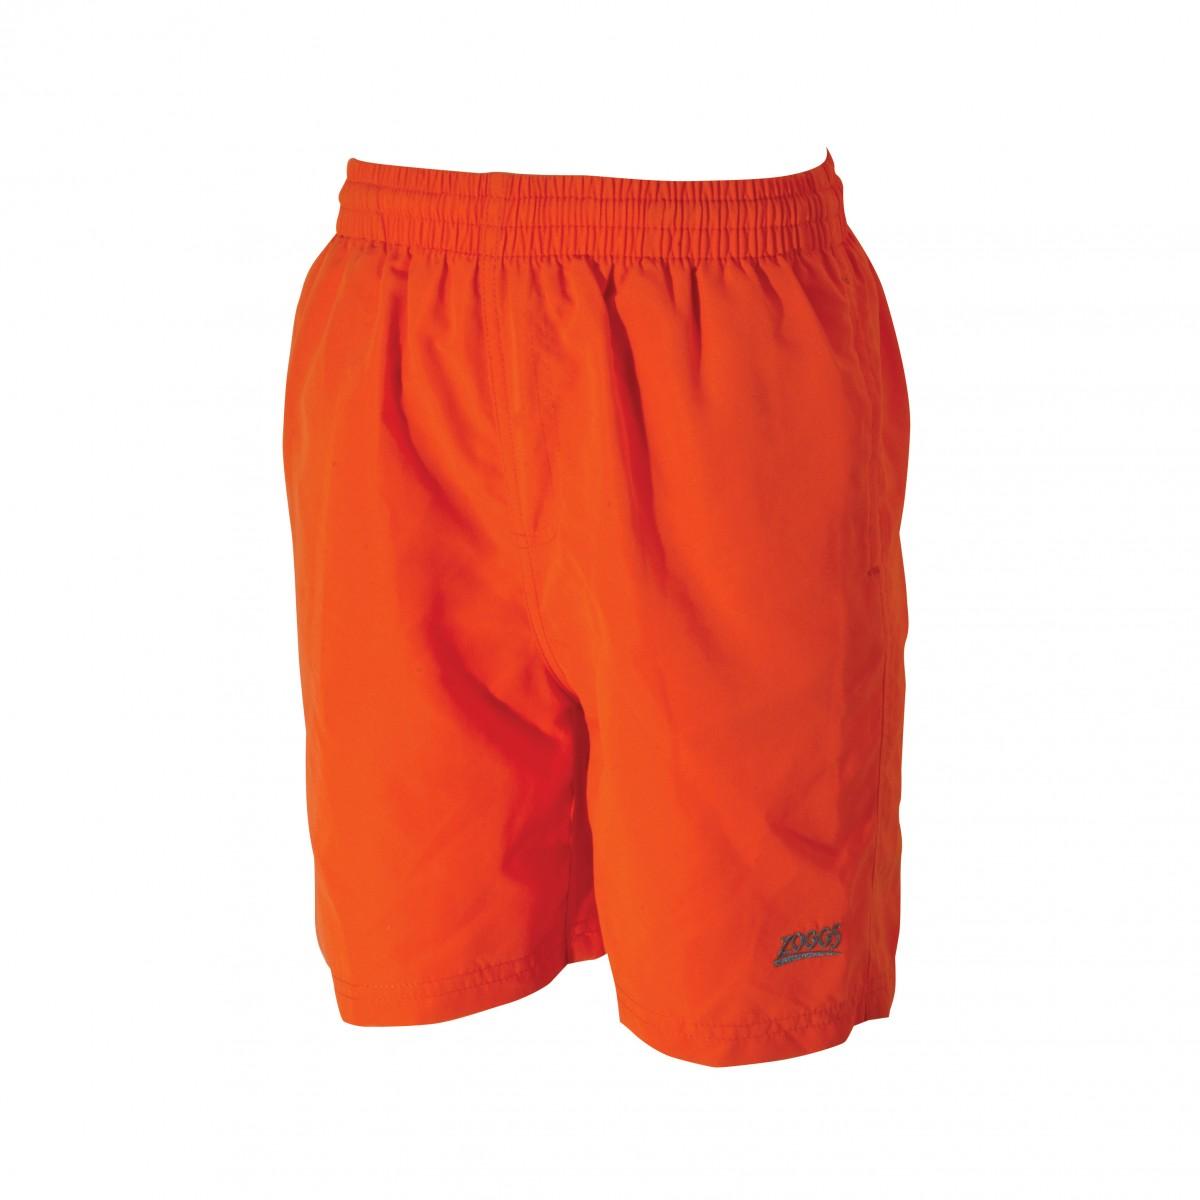 Zoggs Boys Penrith 15 Watershorts - Orange